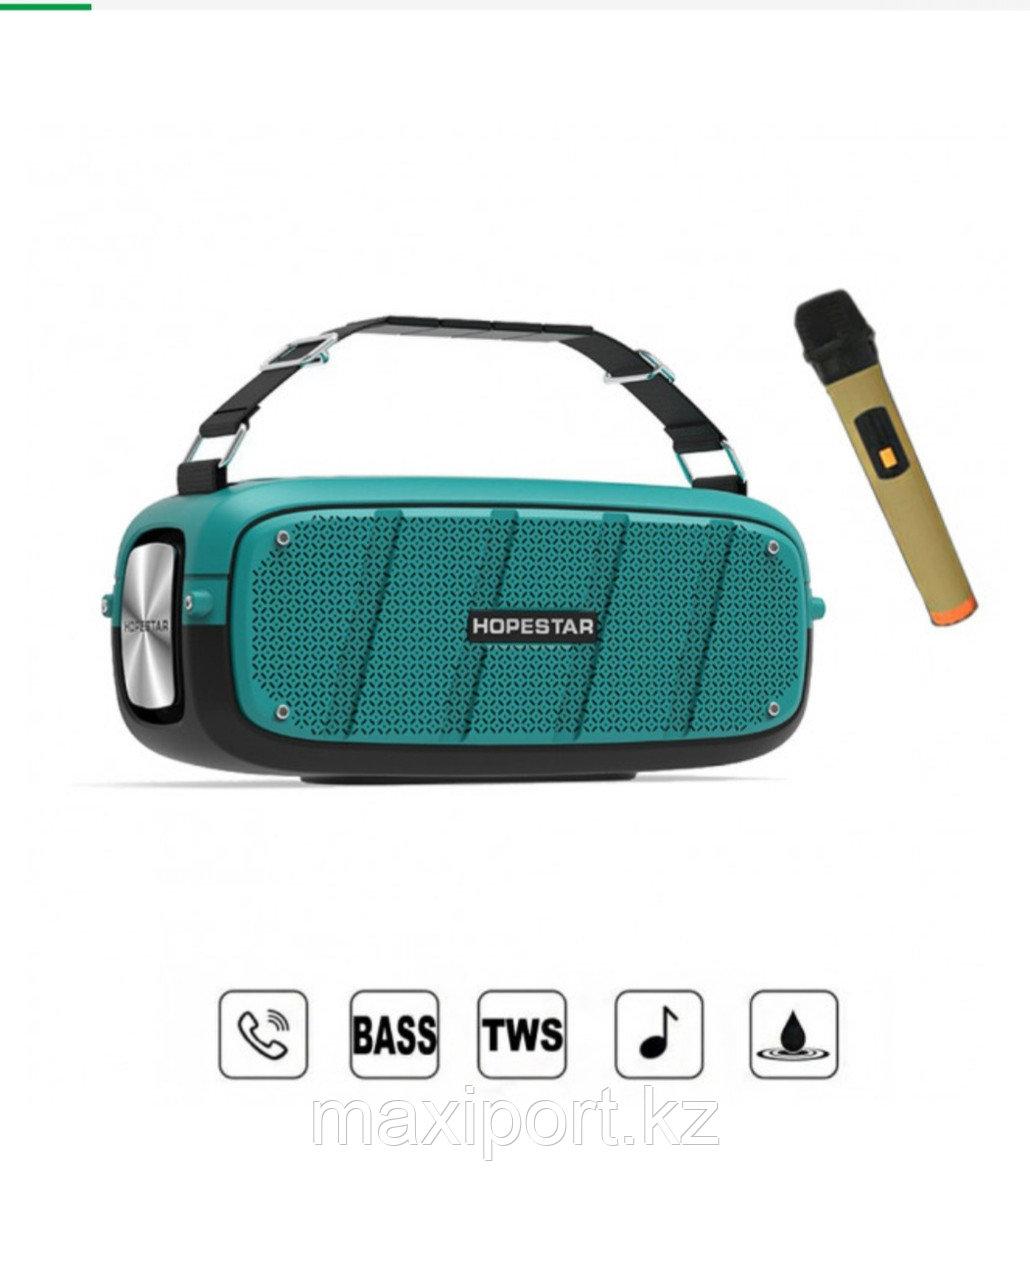 Портативная колонка Hopestar A20 Pro  Blue (в комплекте беспроводной микрофон для караоке).